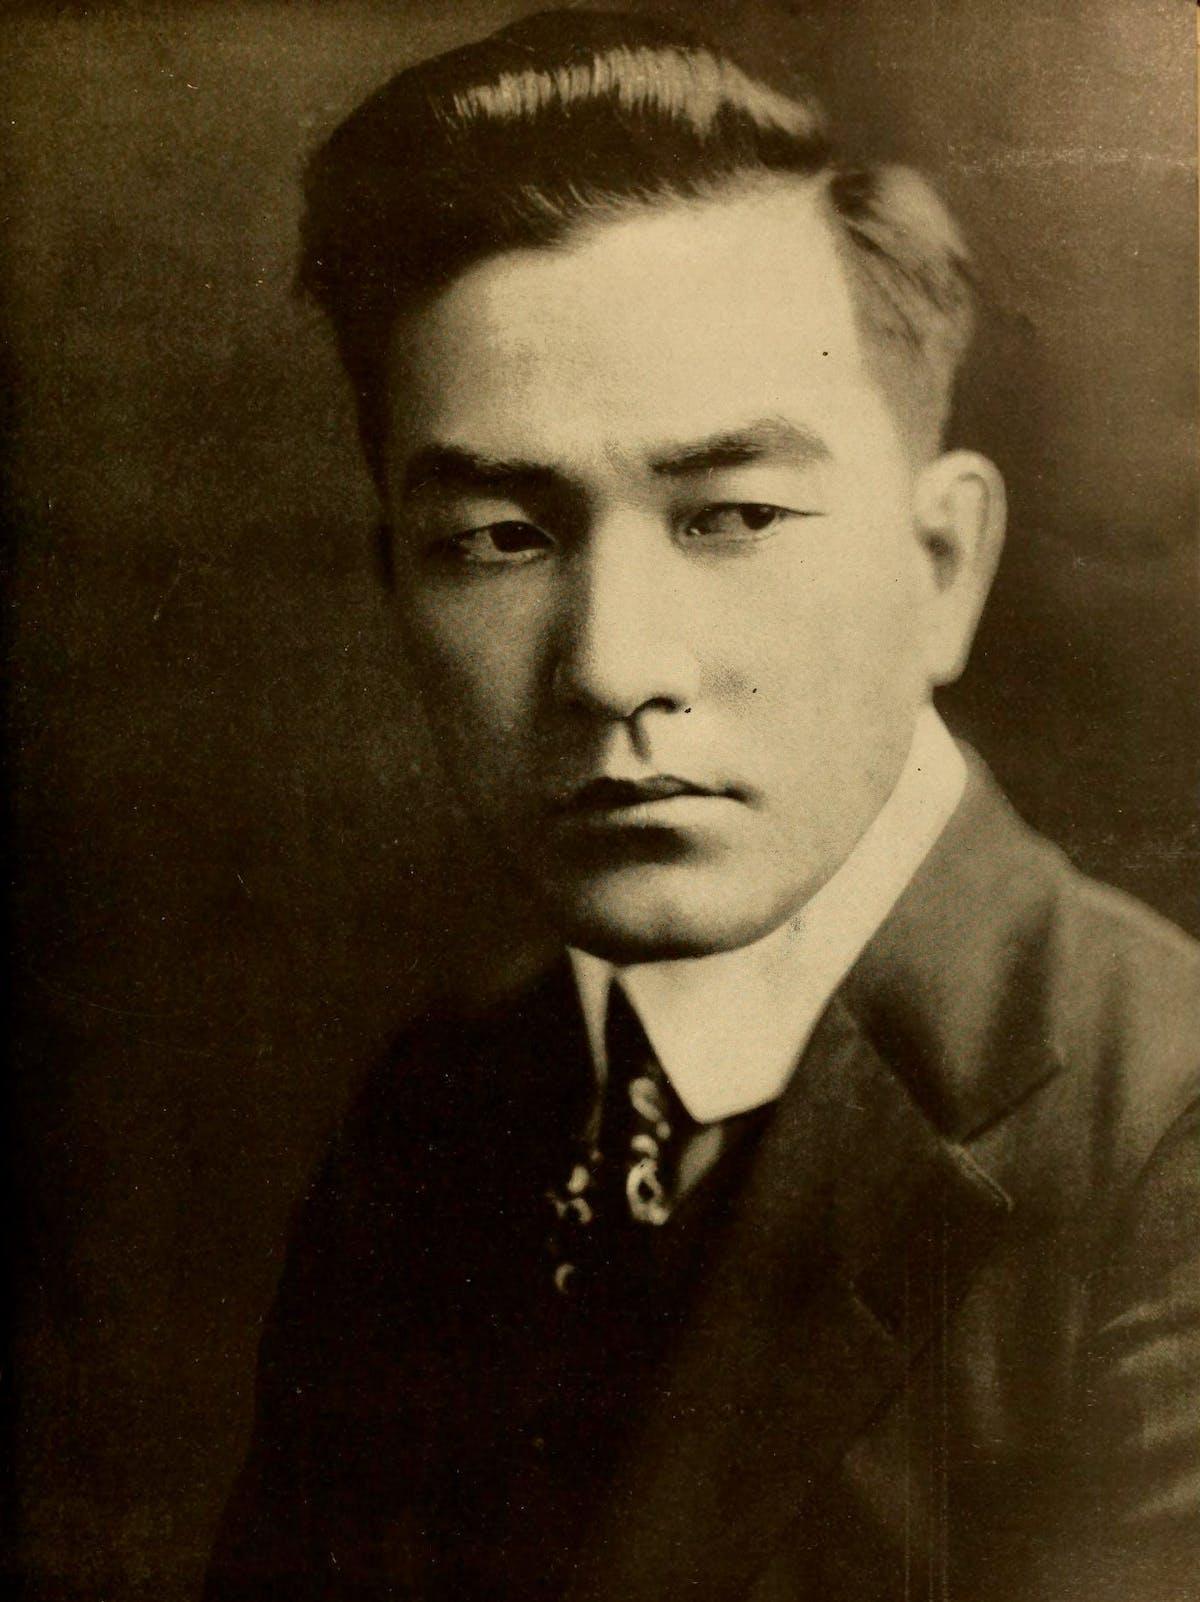 Sessue Hayakawa 1918